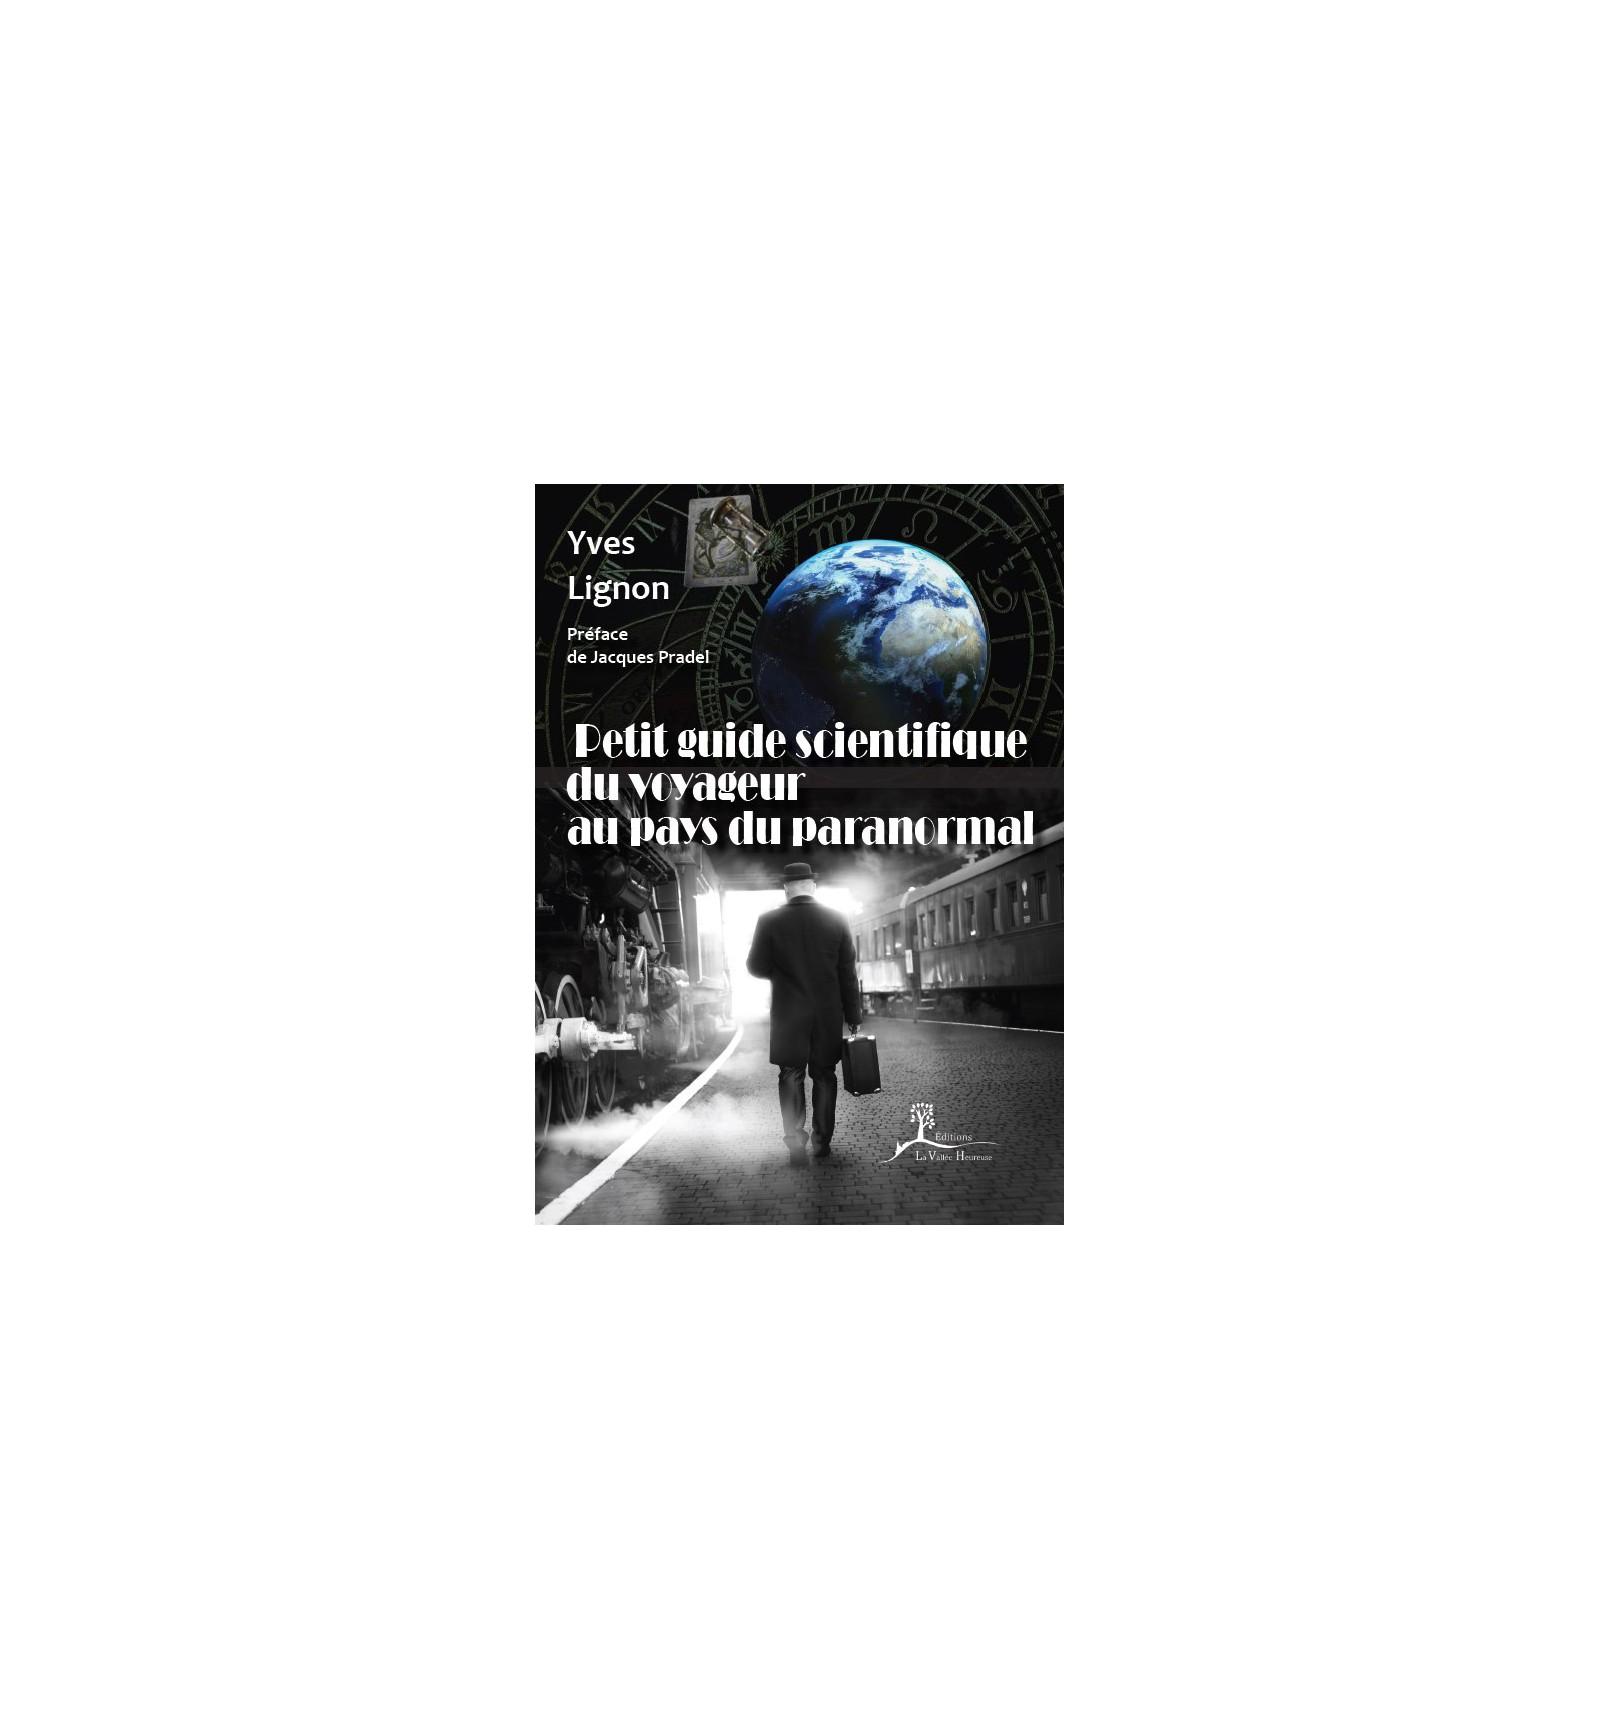 paranormal etude scientifique